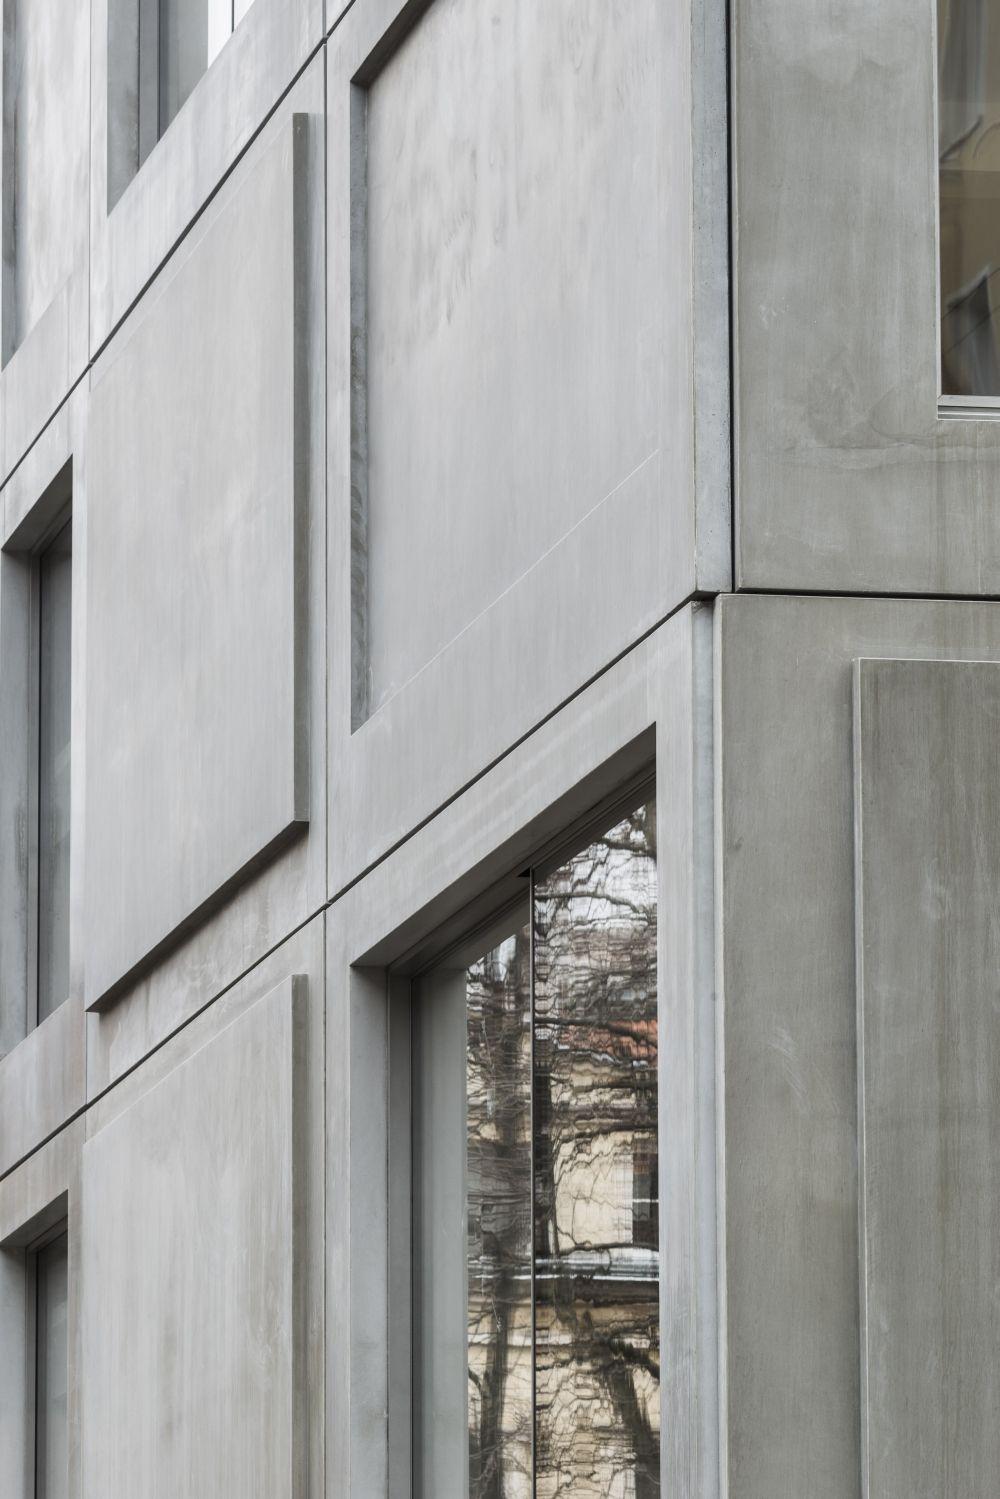 Pflegeheim innenarchitektur a f a s i a diener u diener  urban  pinterest  diener fassaden